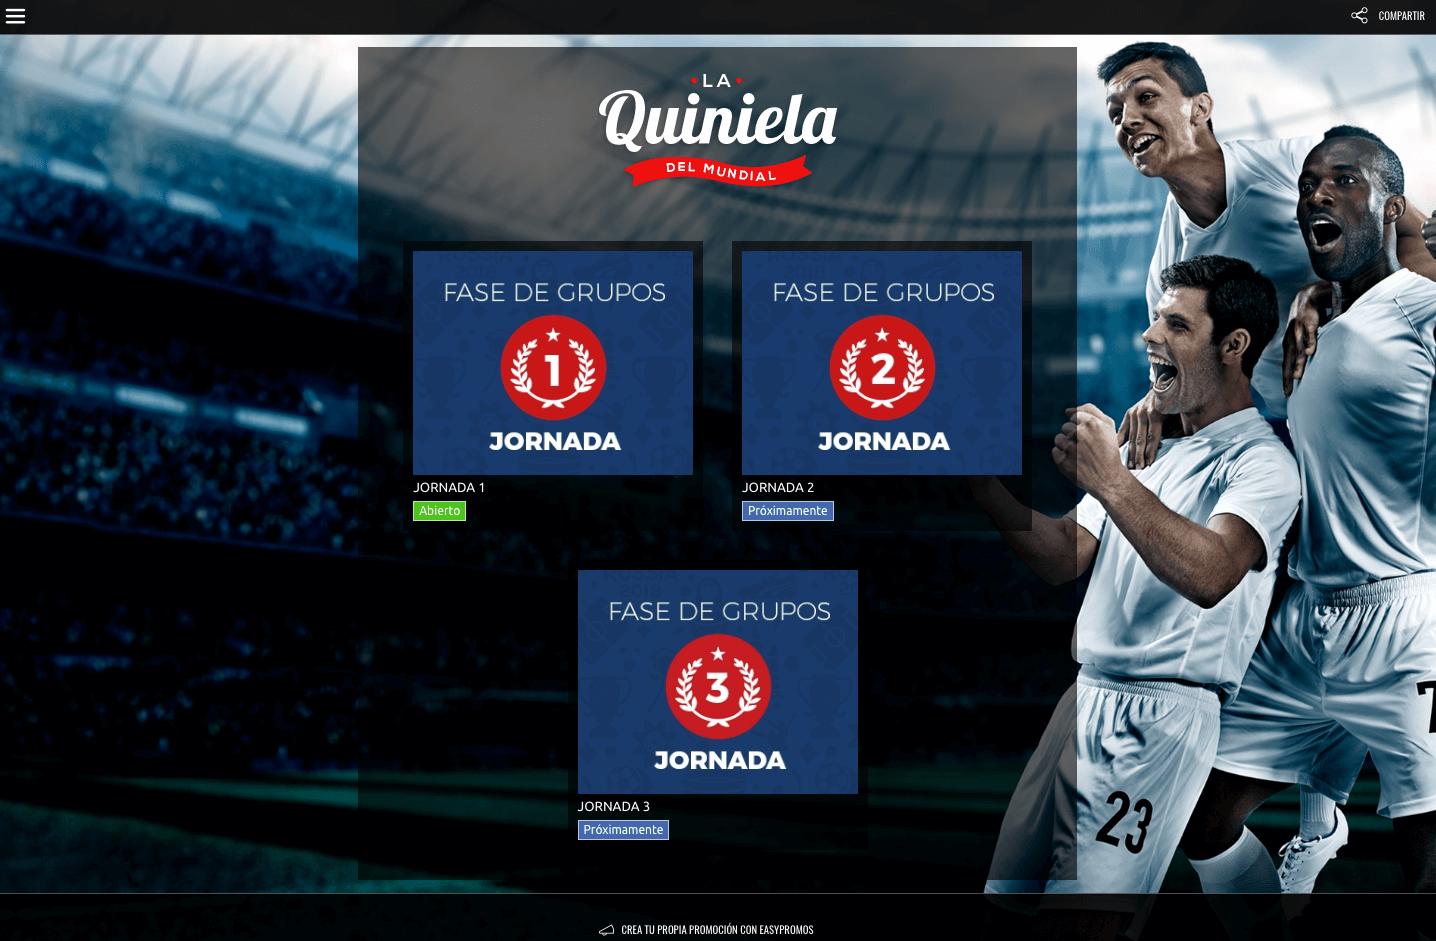 quiniela_mundial_con_ranking